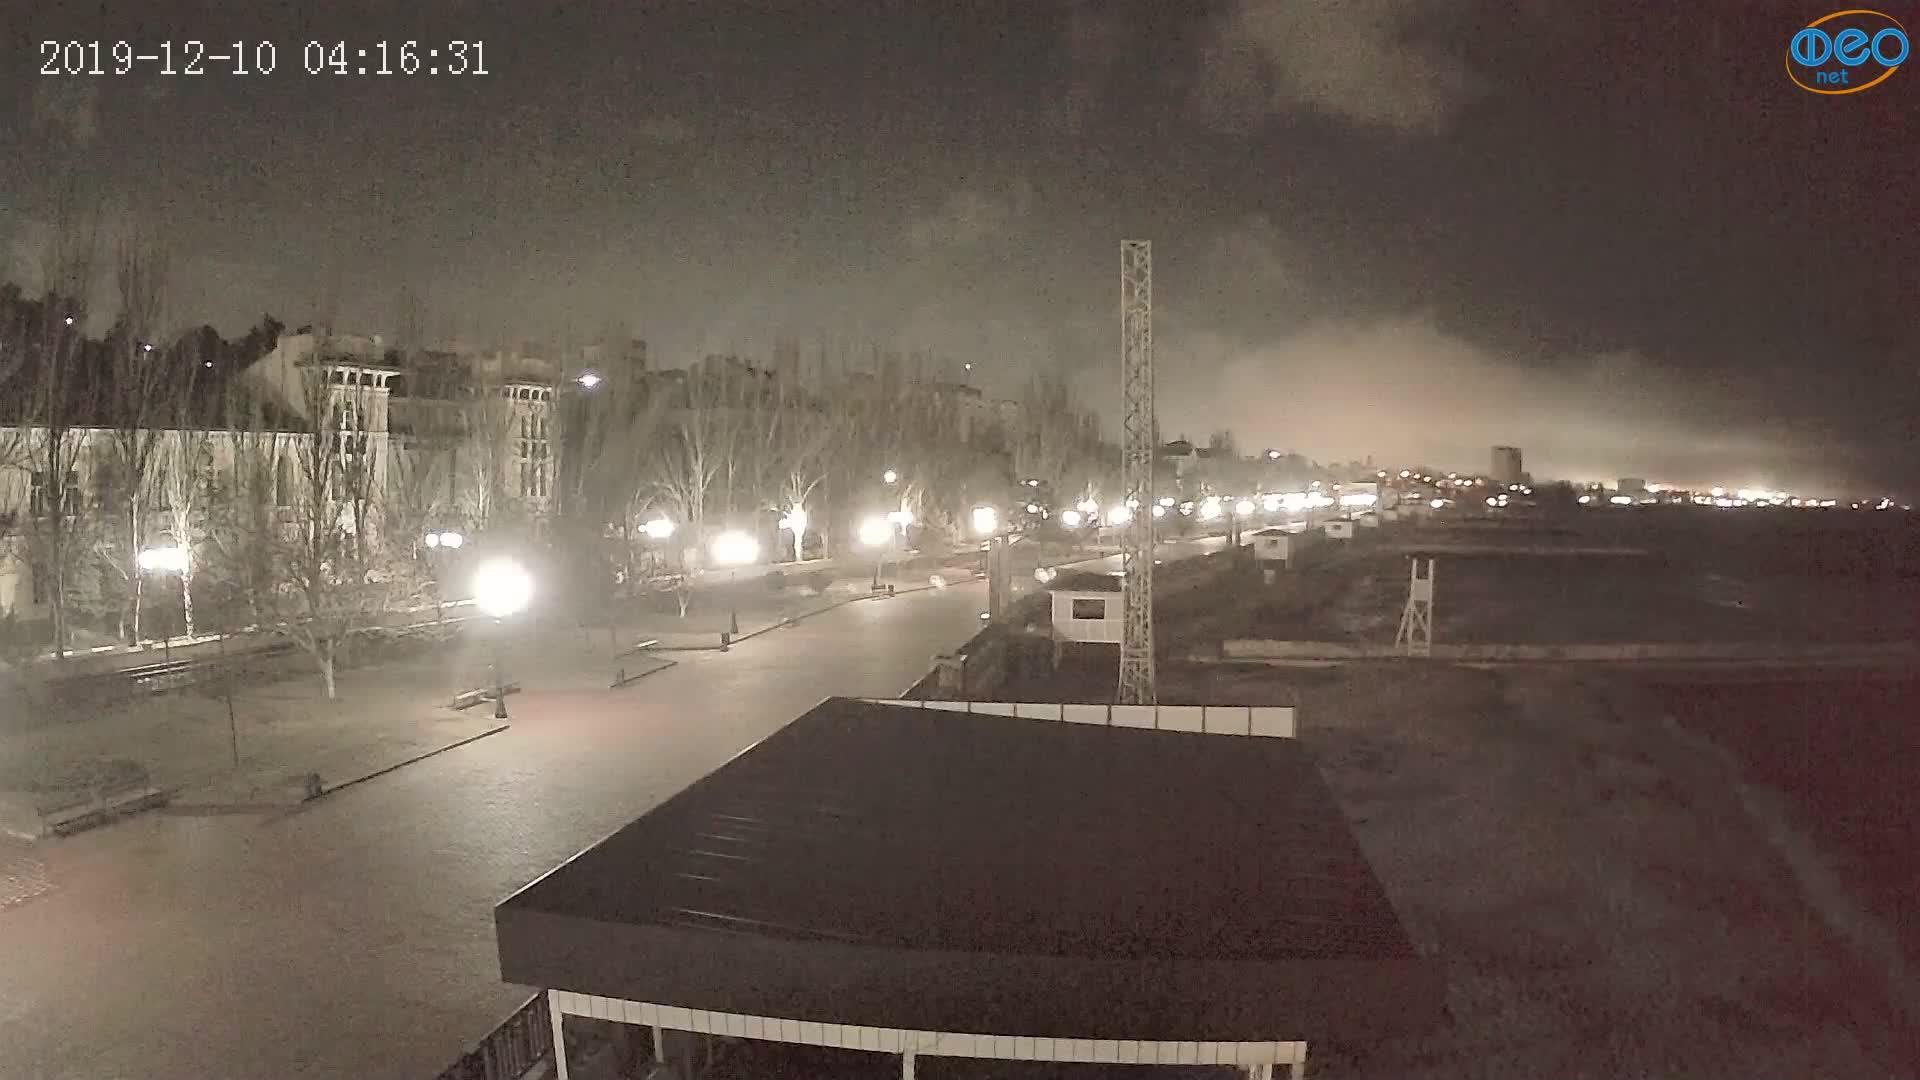 Веб-камеры Феодосии, Пляж Камешки, 2019-12-10 04:16:55